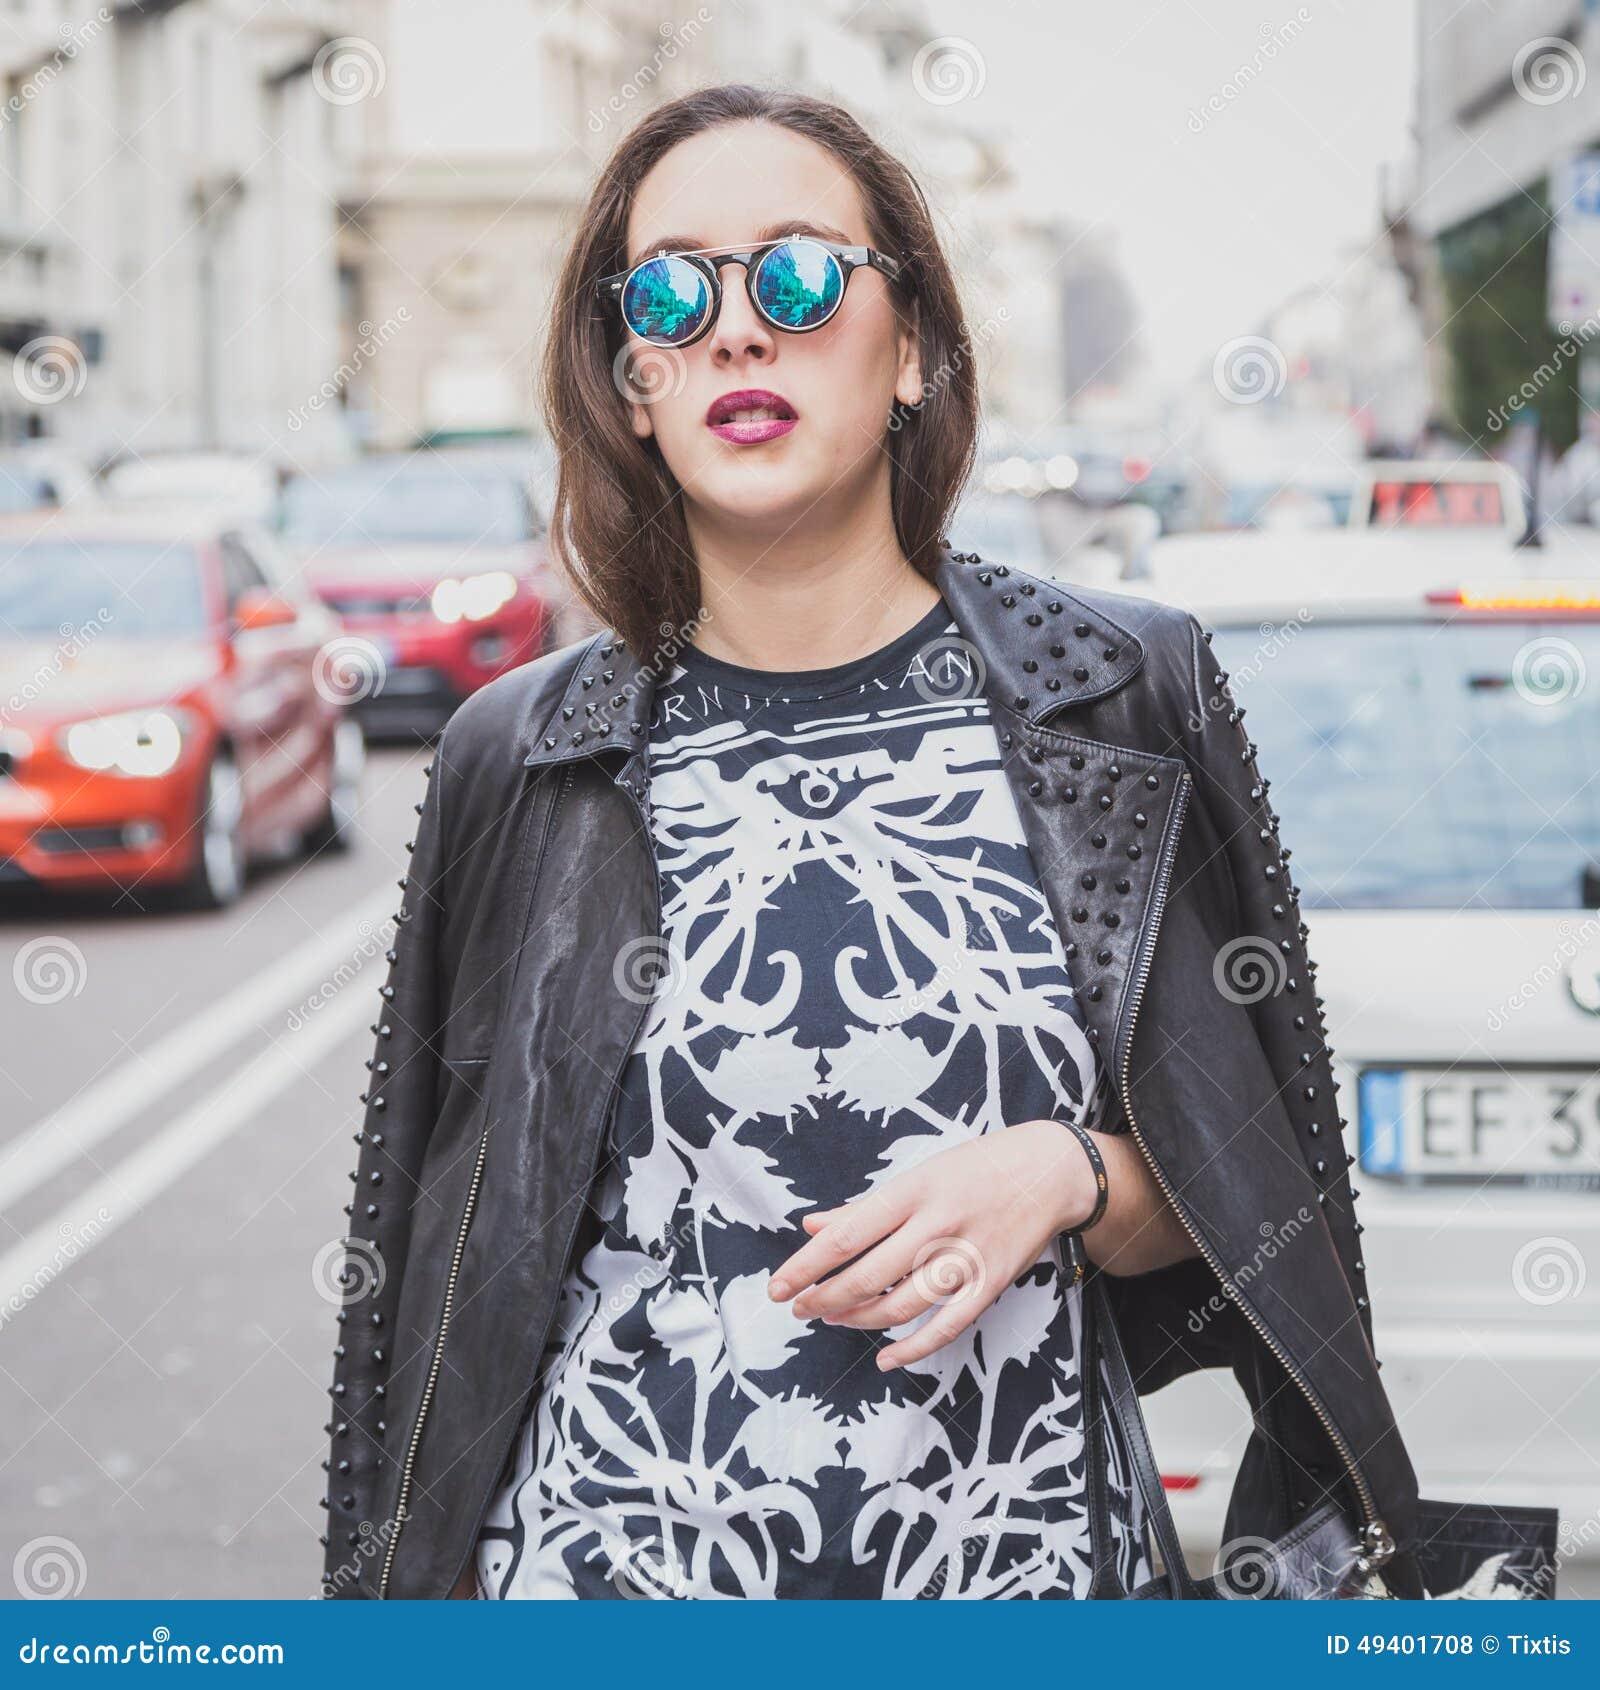 Download Leute Außerhalb Des Cavalli-Modeschaugebäudes Für Milan Mens Mode-Woche 2015 Redaktionelles Stockfoto - Bild von phantasie, redaktionell: 49401708